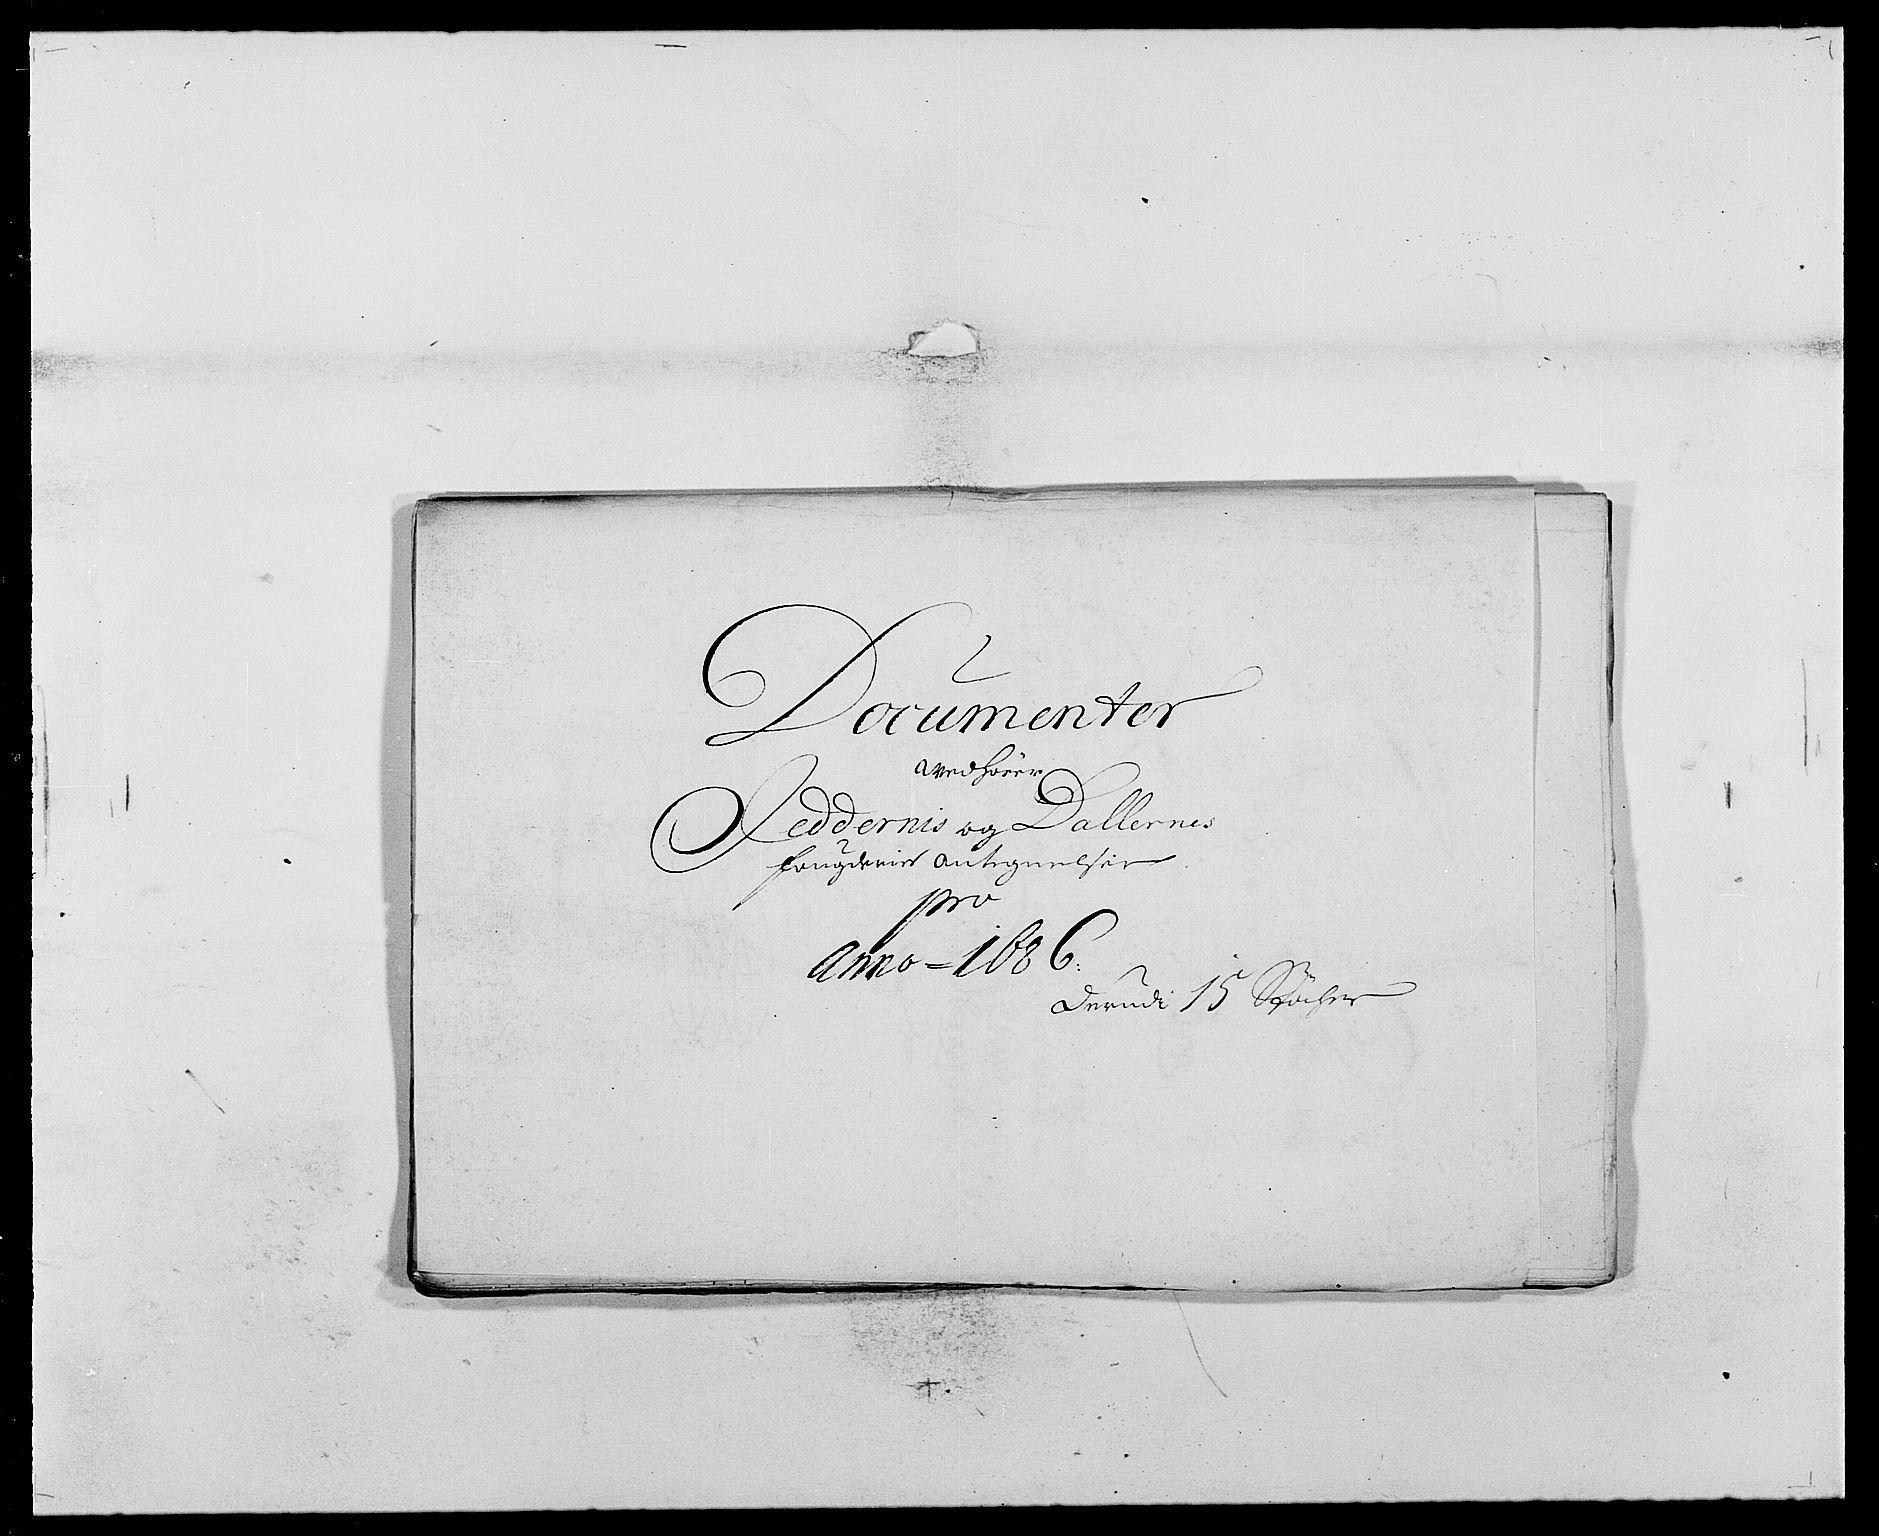 RA, Rentekammeret inntil 1814, Reviderte regnskaper, Fogderegnskap, R46/L2726: Fogderegnskap Jæren og Dalane, 1686-1689, s. 104